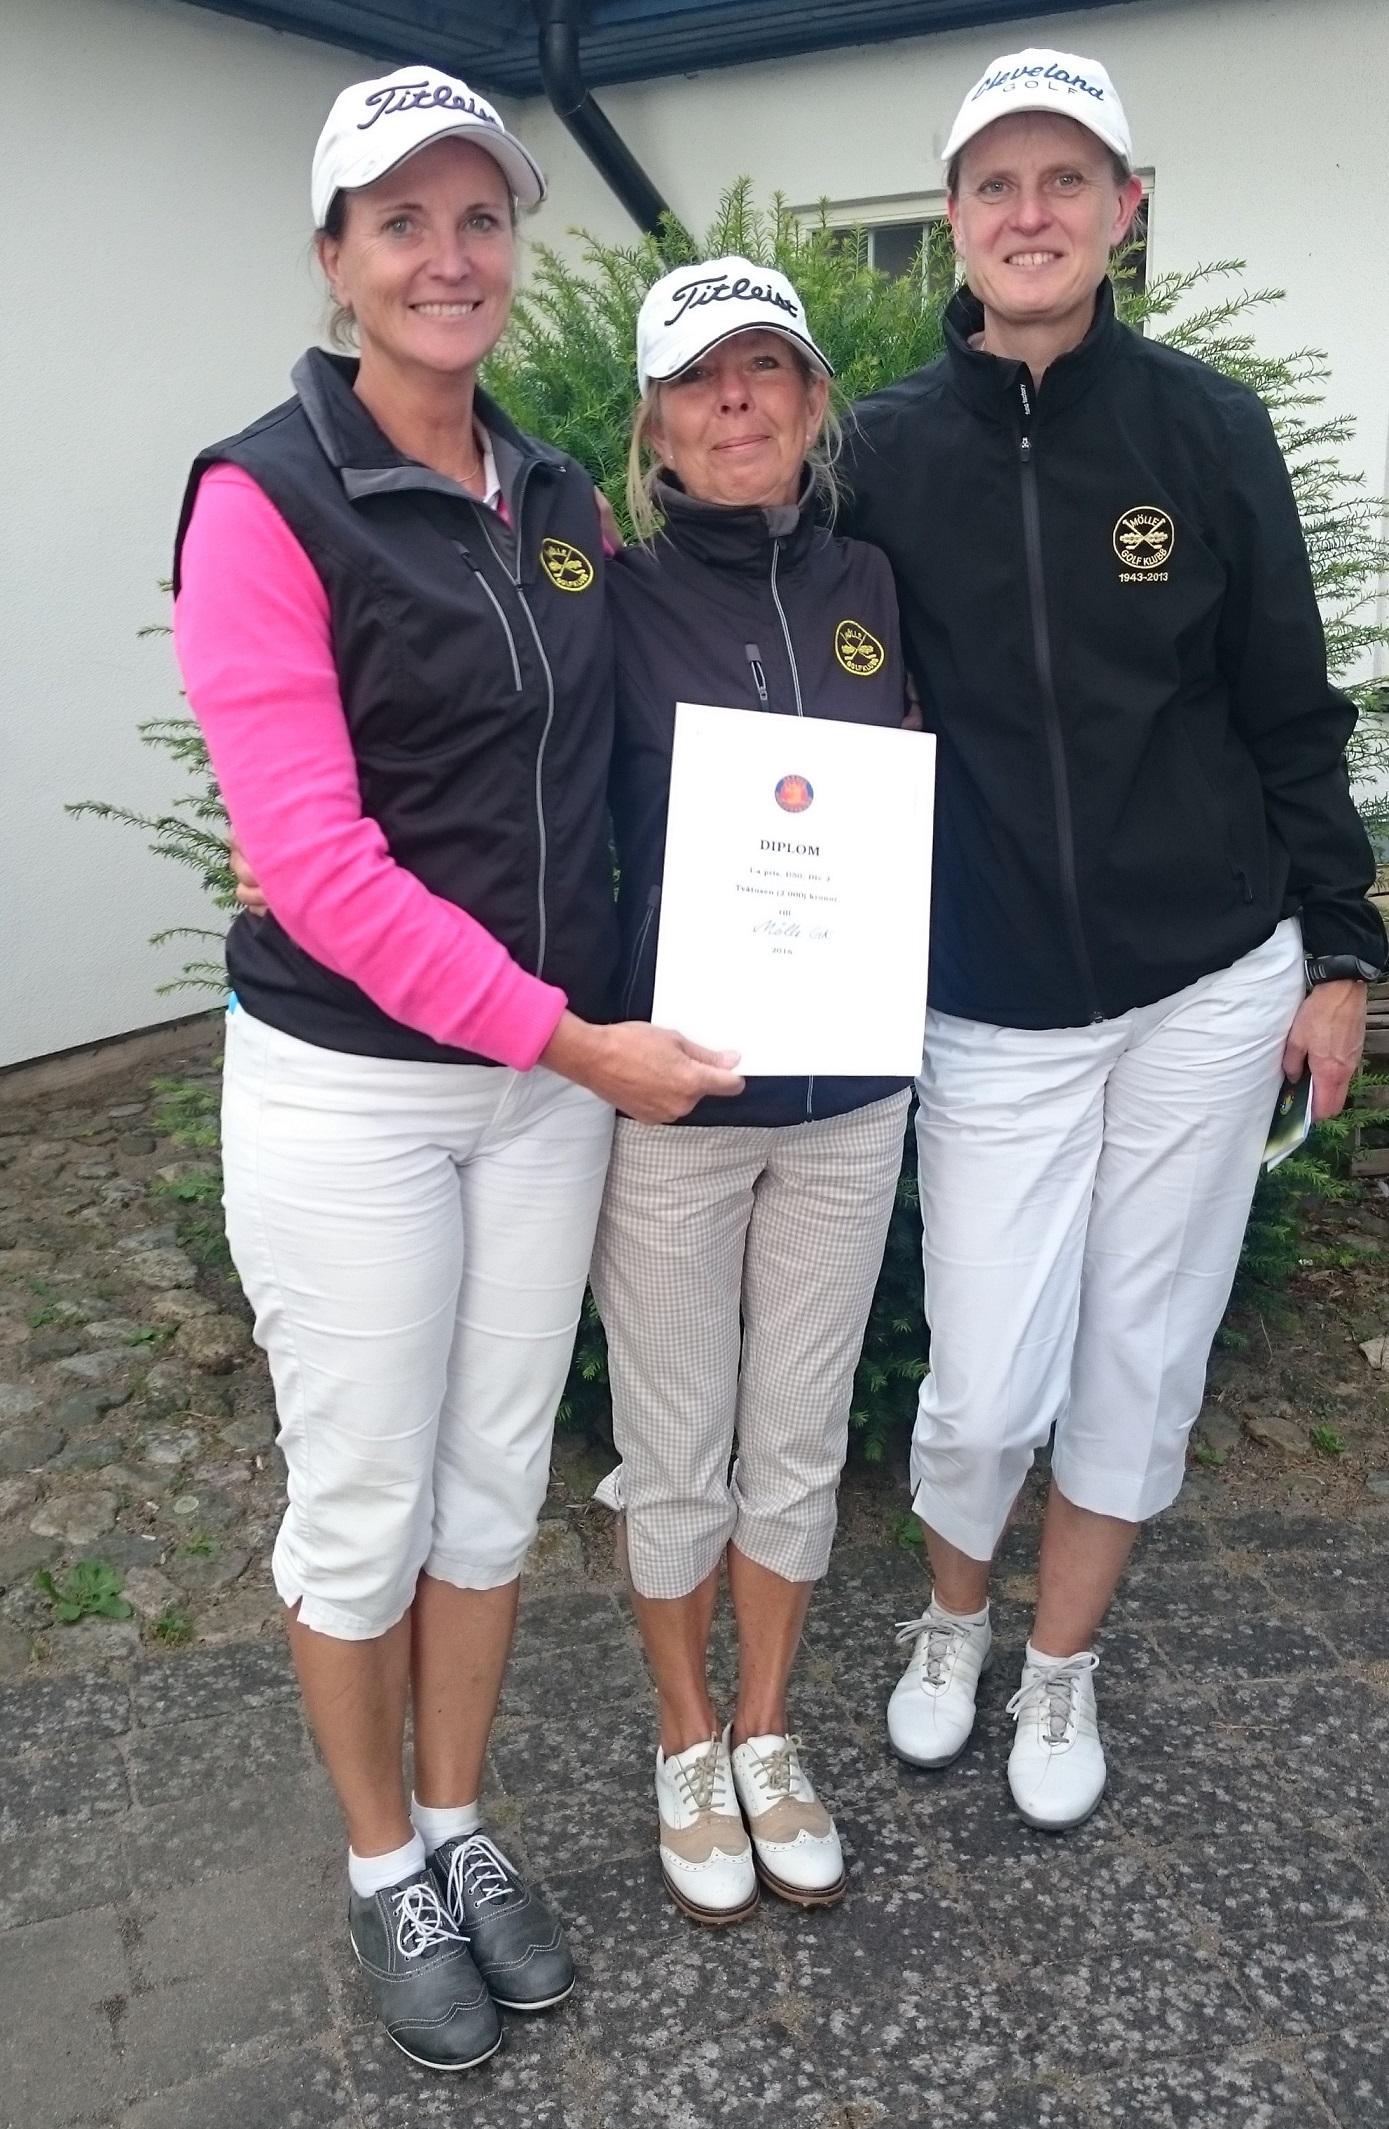 Från vänster: Maria Creutzfeldt, Pia Eldin Lindsten och Ann Lidén